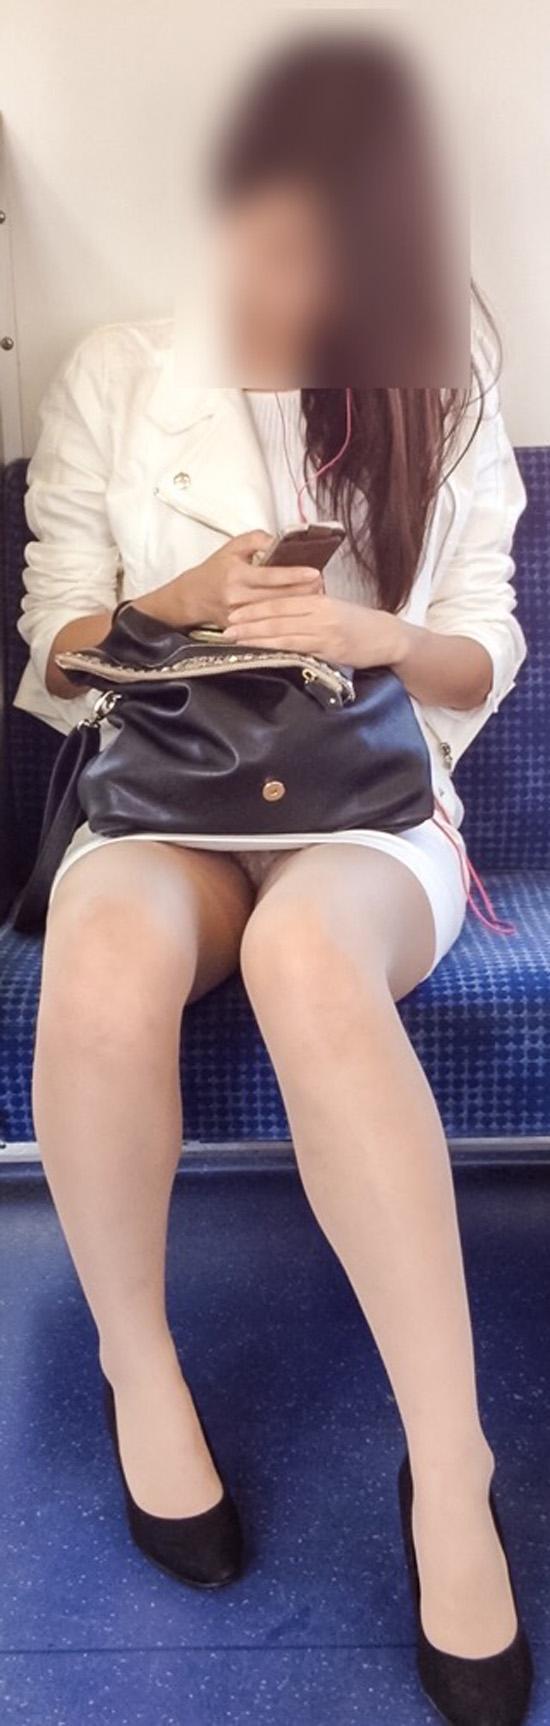 【パンチラエロ画像】座っていればいつか拝めるw電車内の対面ミニスカチラwww 08